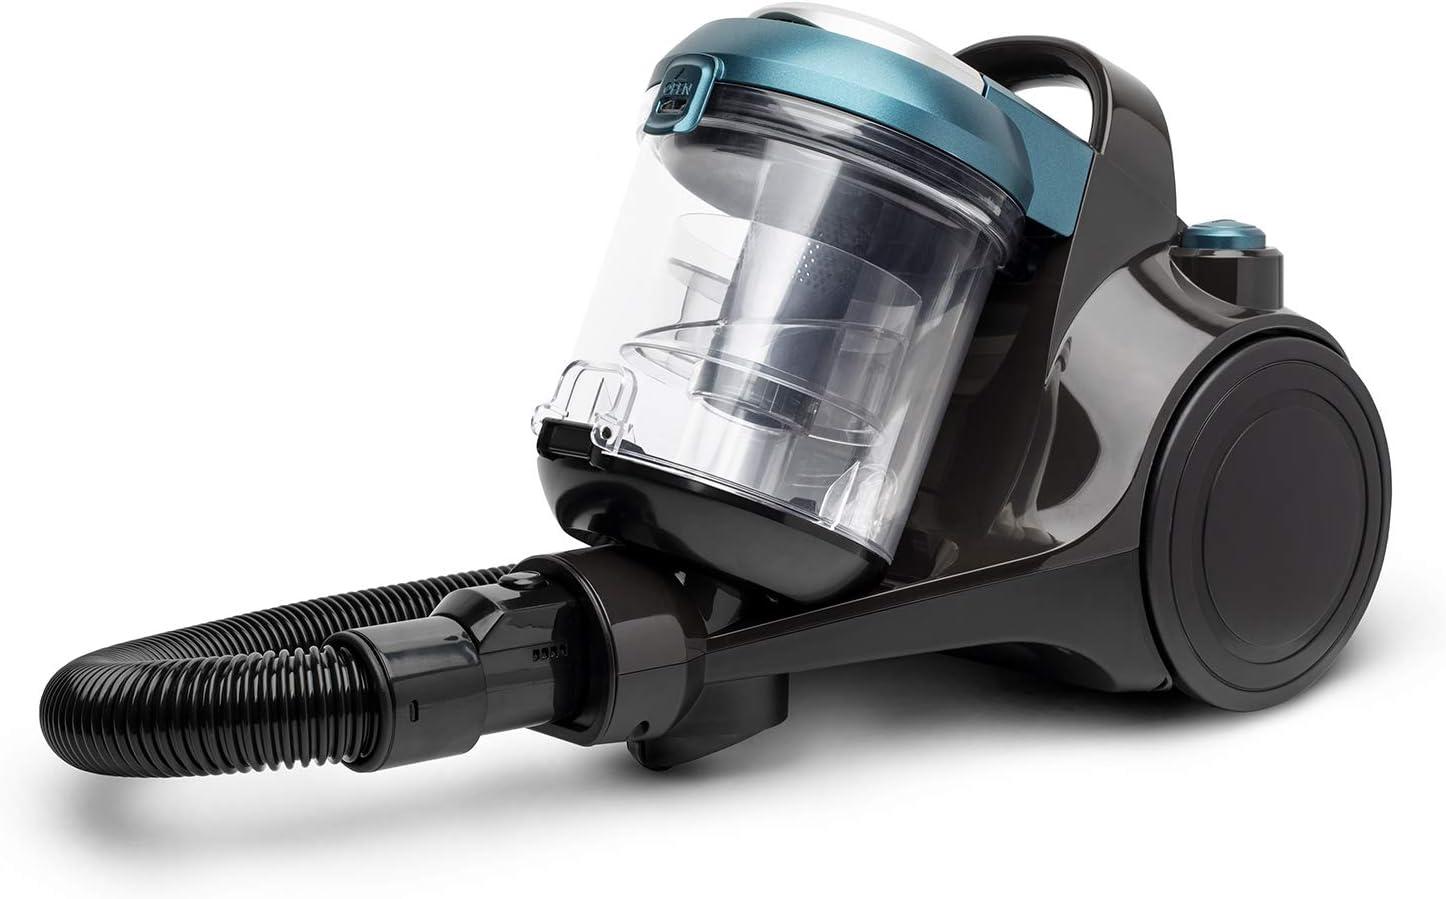 H.Koenig STC56 - Aspirador sin bolsa multicíclico de trineo HKoenig STC56 Ergonómico, Clase energética AAA, filtro HEPA12, silencioso, potente, incluido, boquilla plana 2 en 1, cepillo de tapicería: Amazon.es: Hogar